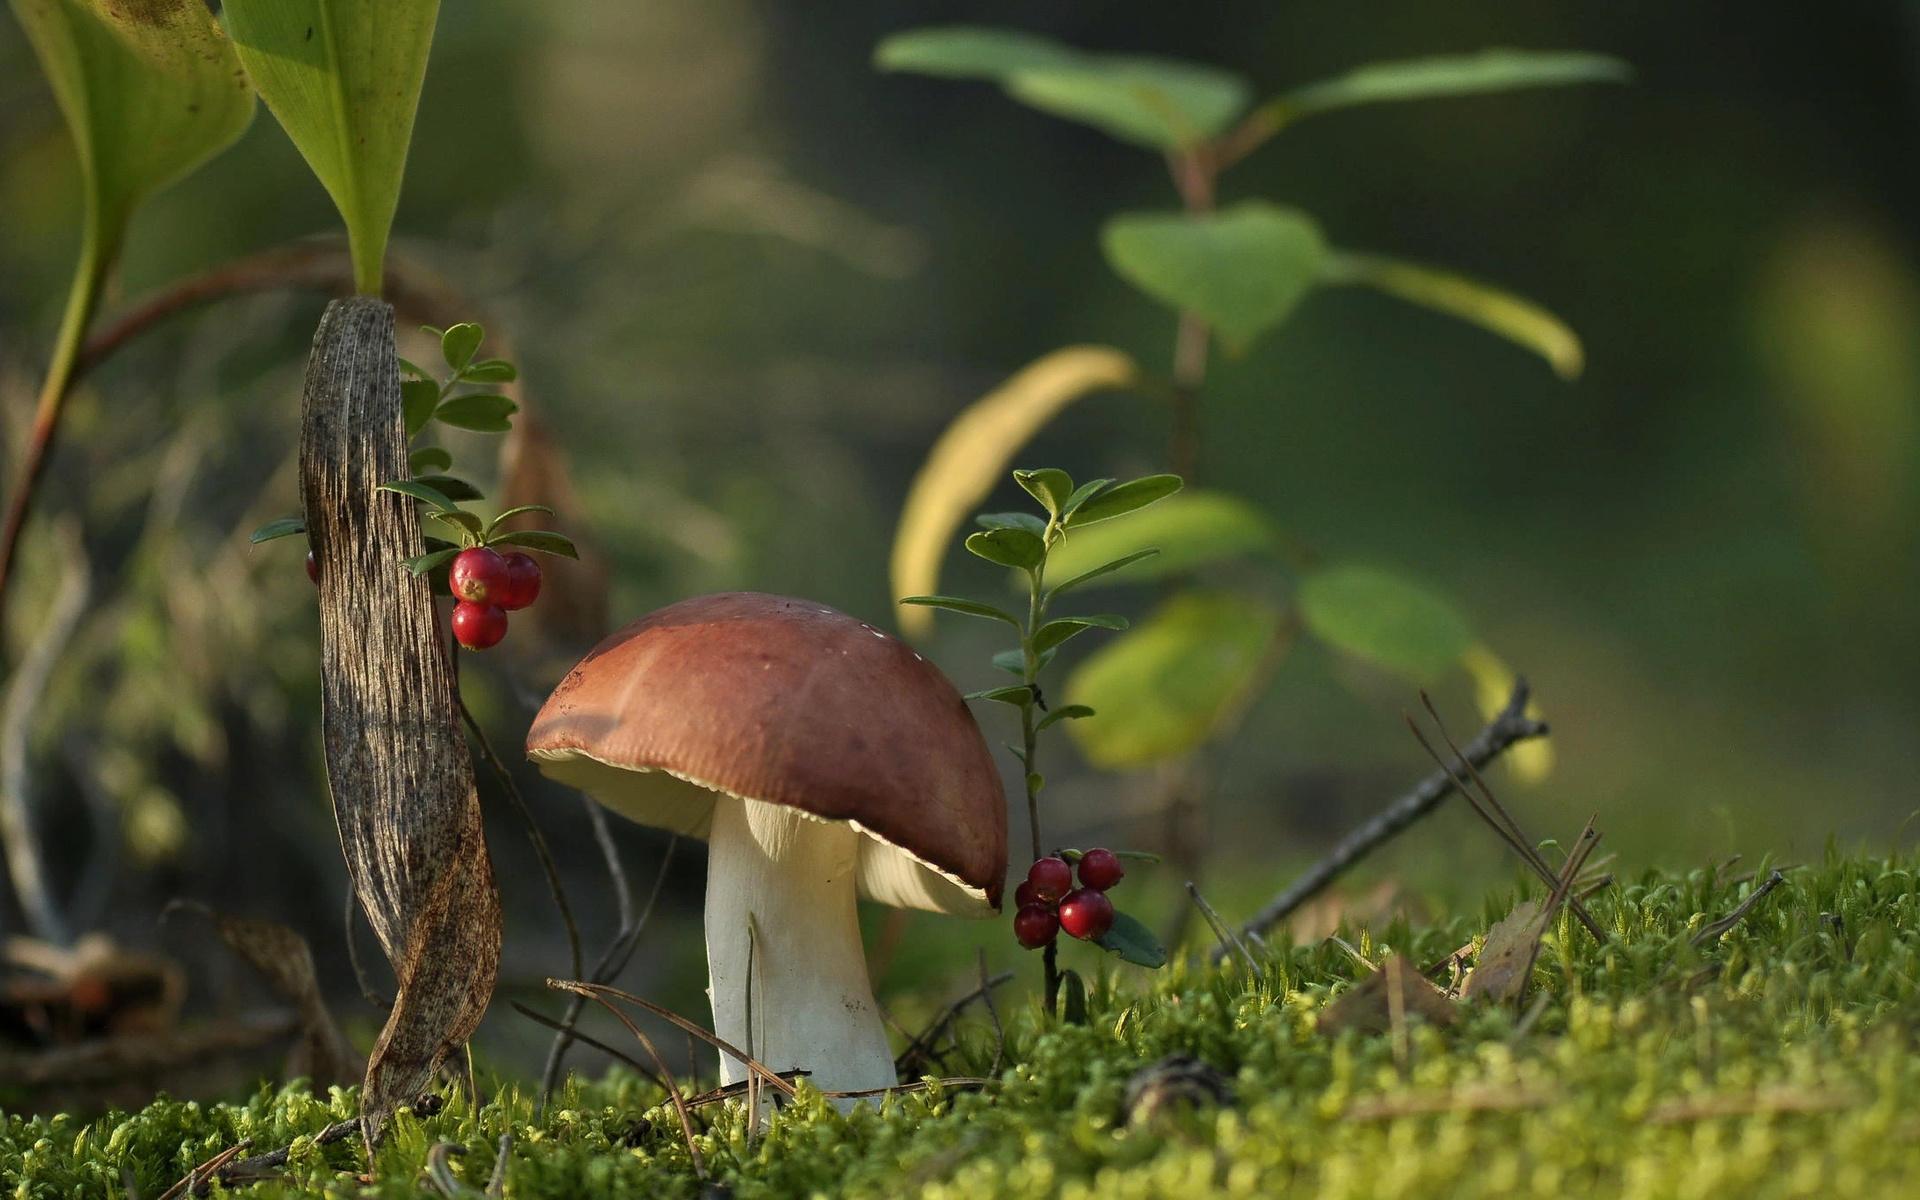 Картинки летнего леса с грибами и ягодами